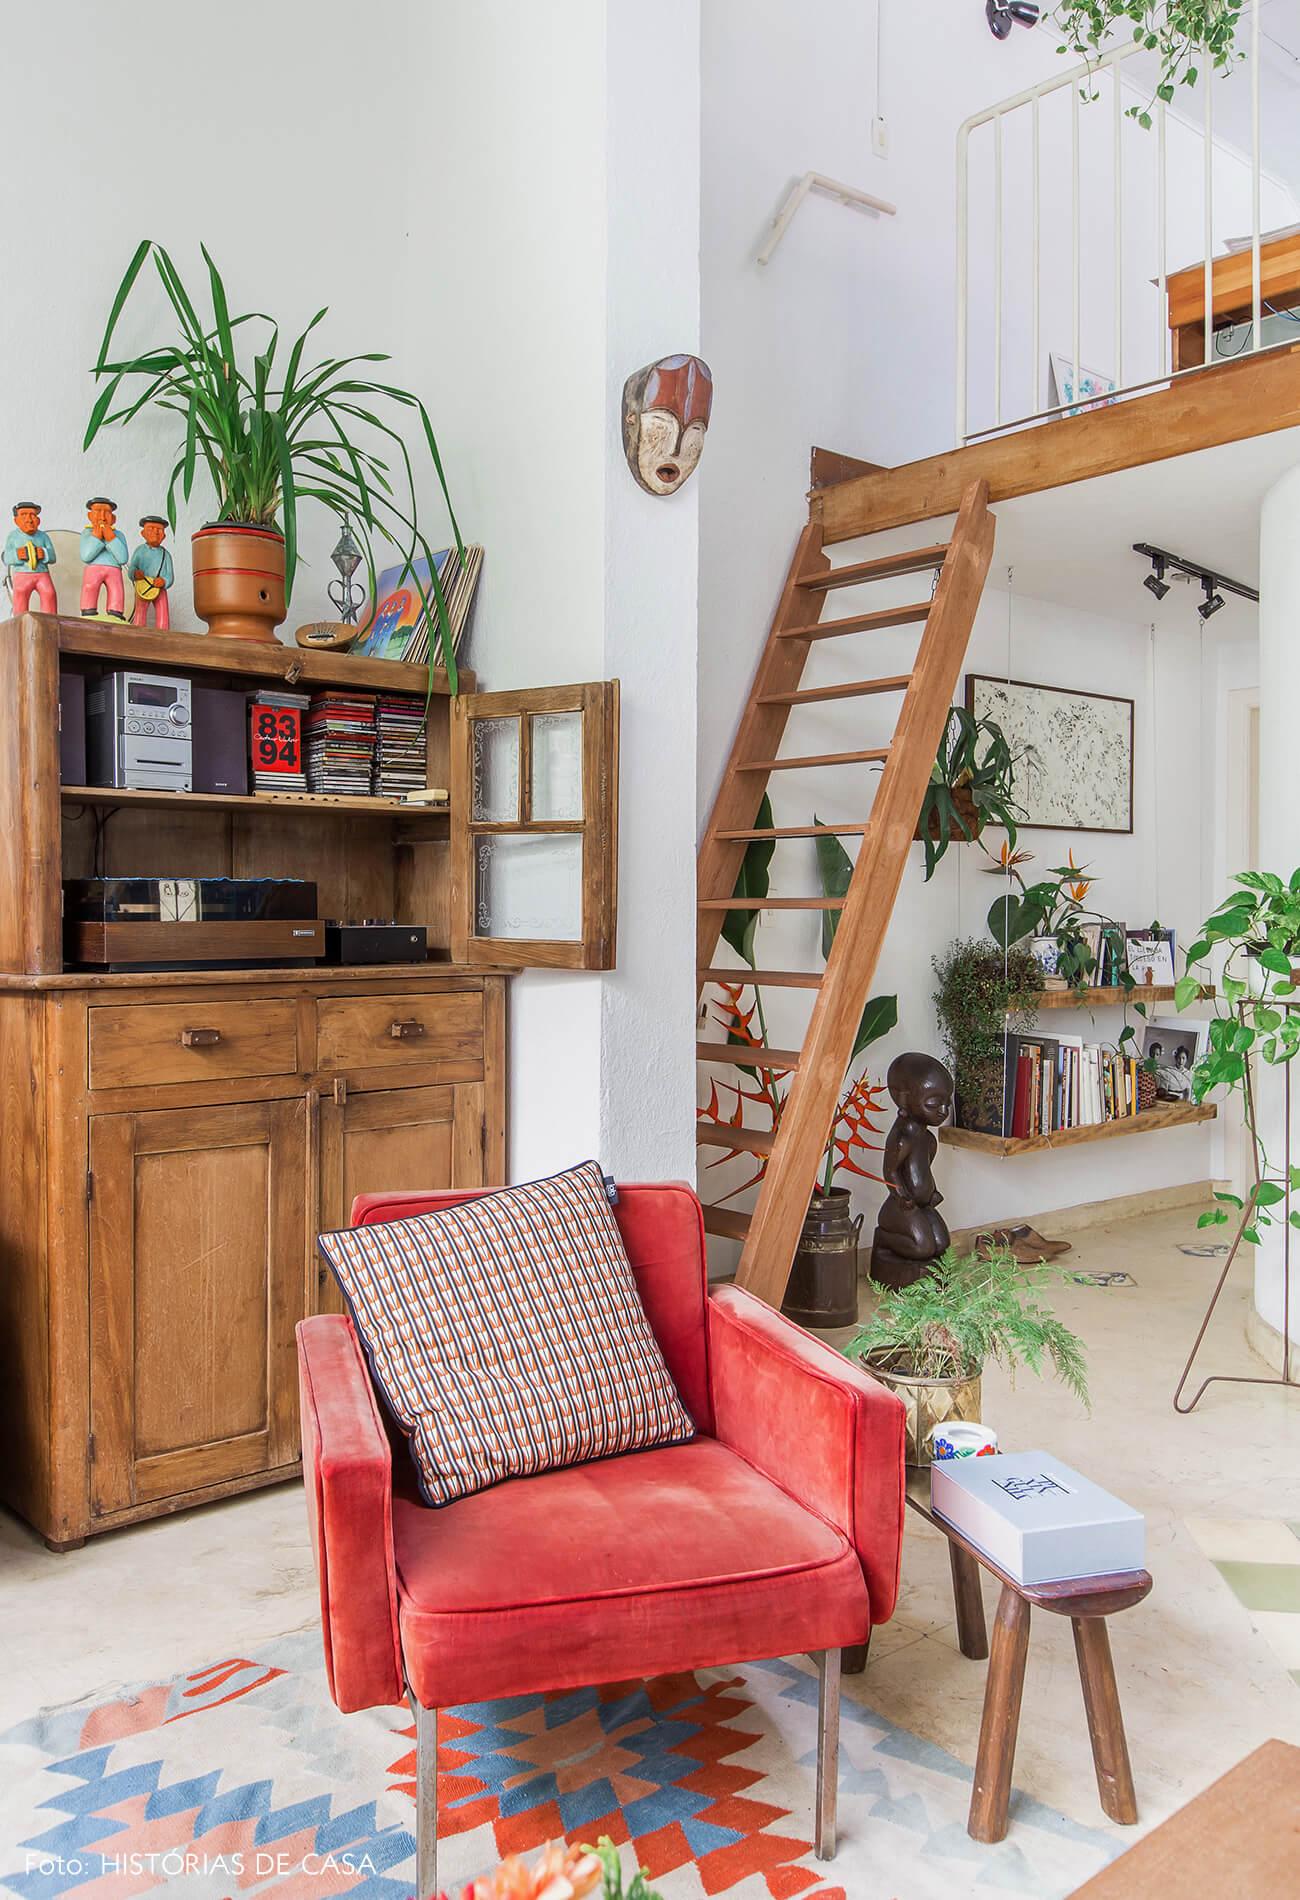 Casa com mezanino e escada de madeira